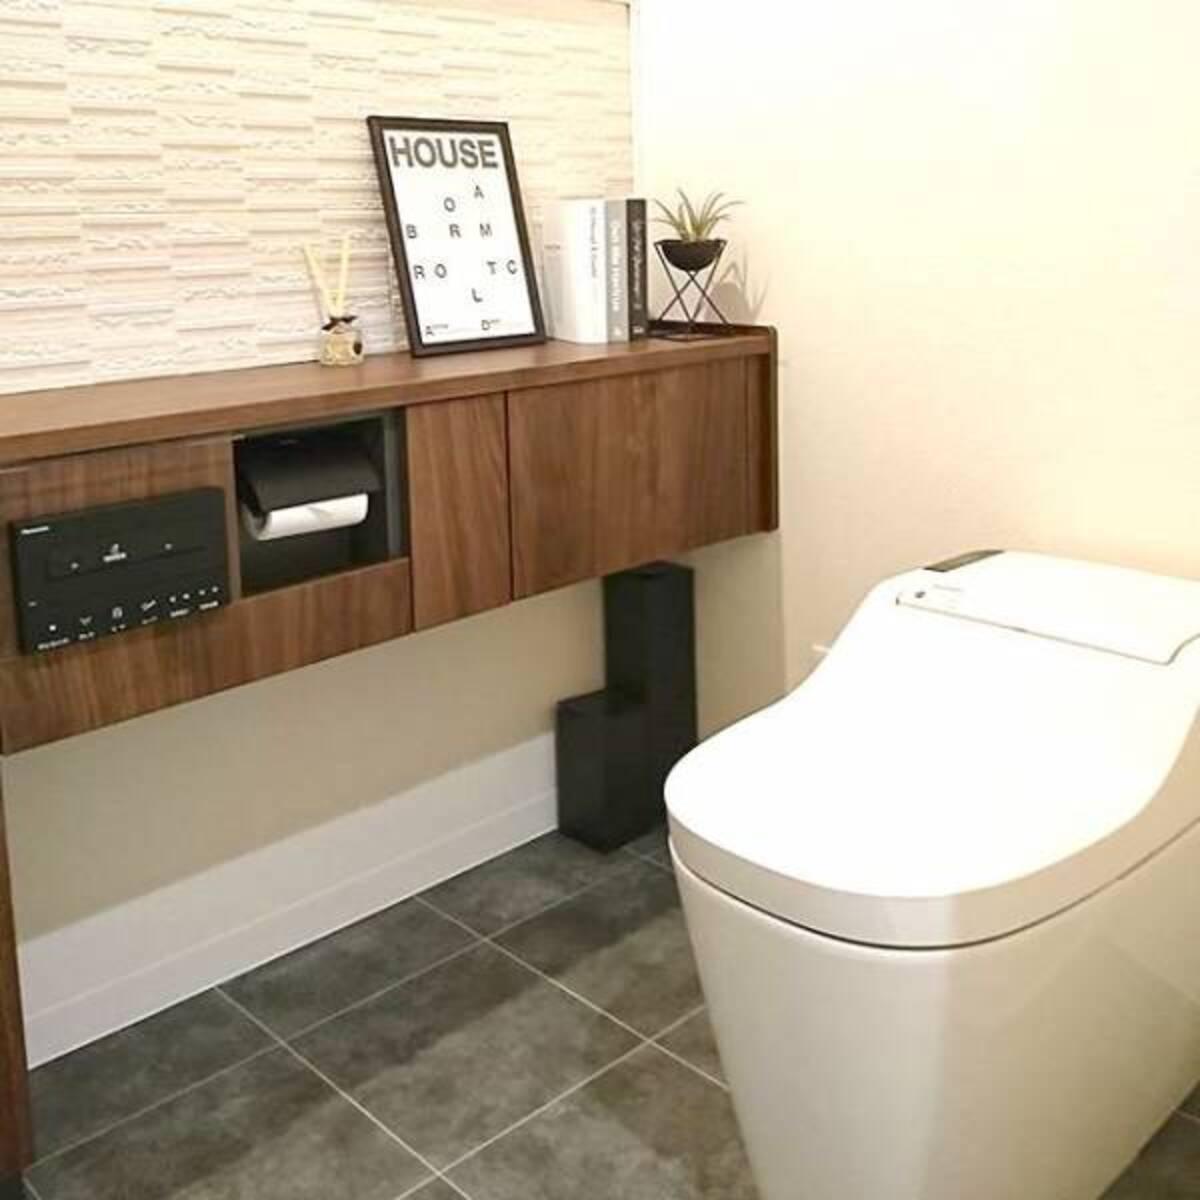 ドアを開けるとまるで別世界 狭い空間だからこそ遊べるトイレの壁紙実例集 年1月16日 ウーマンエキサイト 1 4